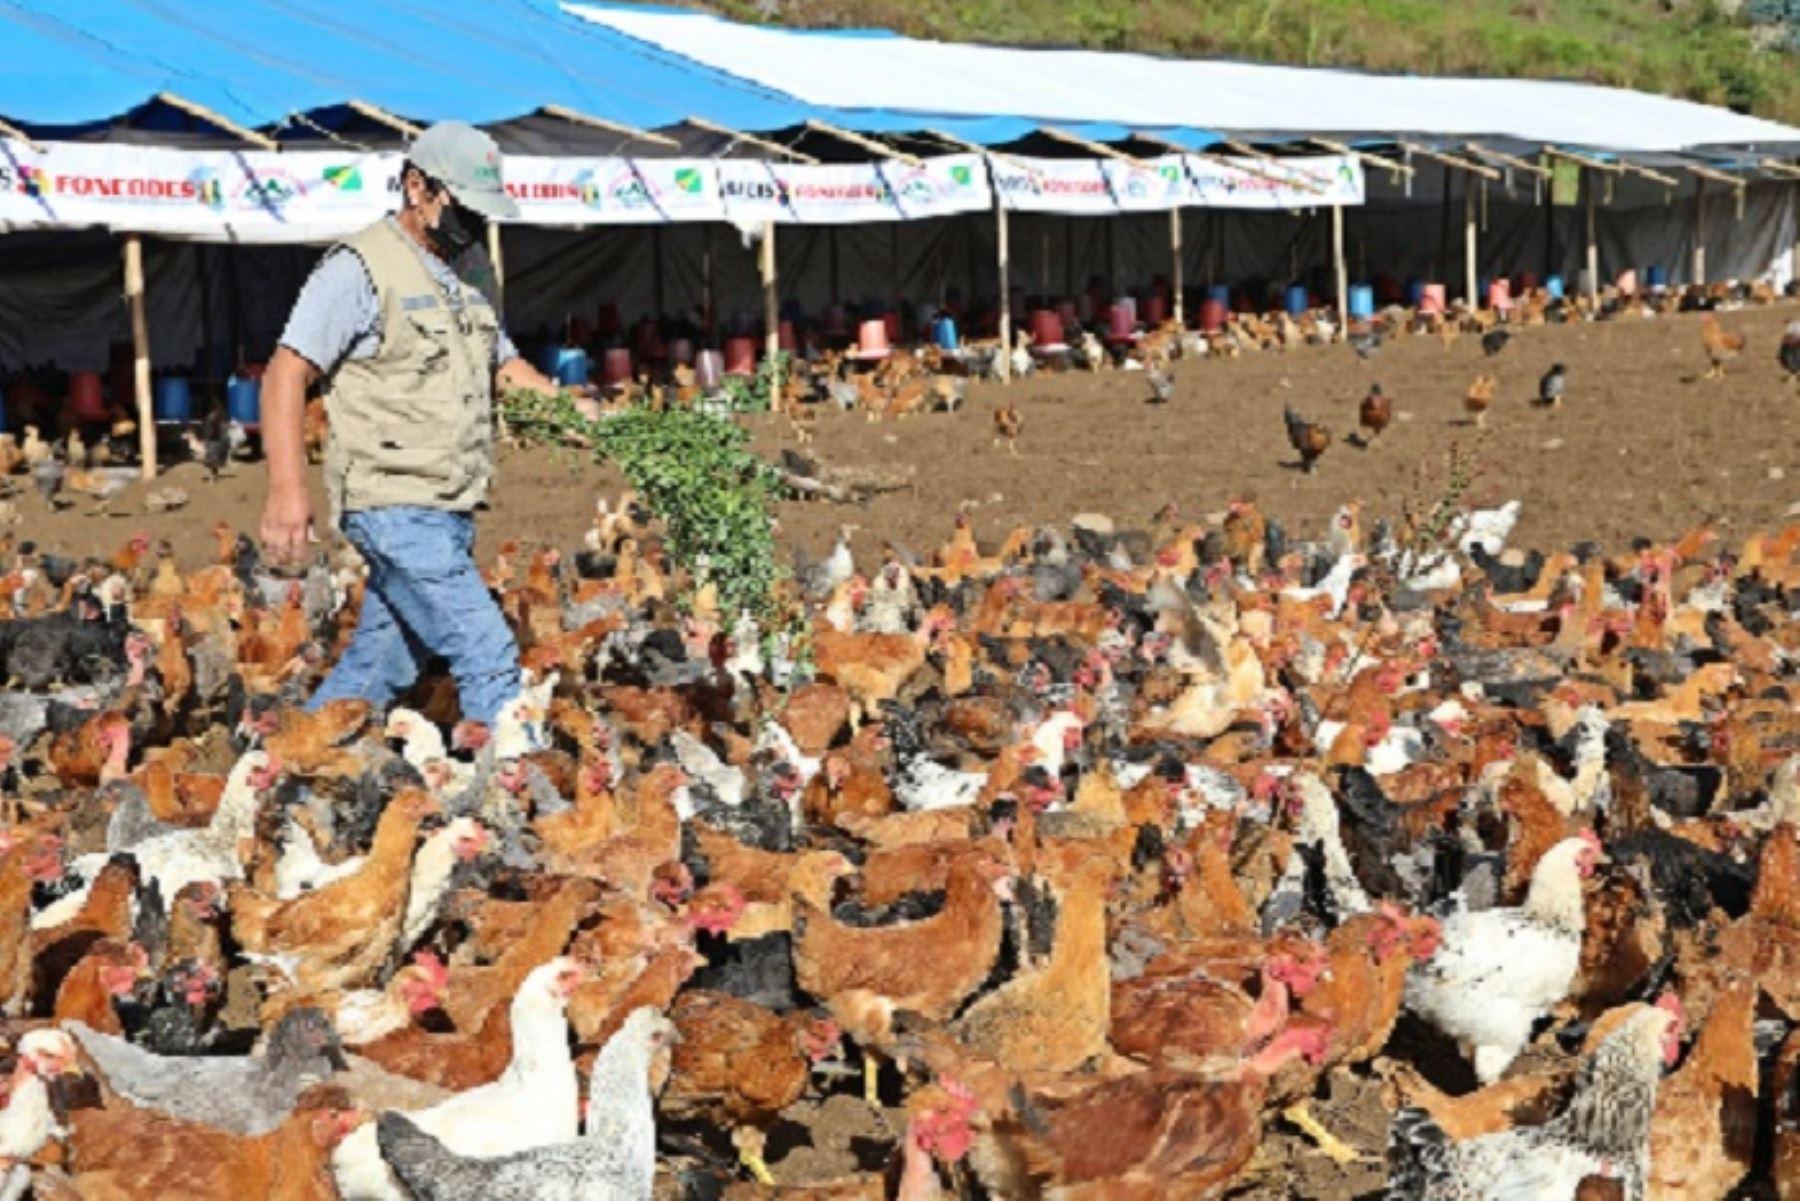 Foncodes entrega más de 8,000 gallinas criollas mejoradas a comunidades de Amazonas